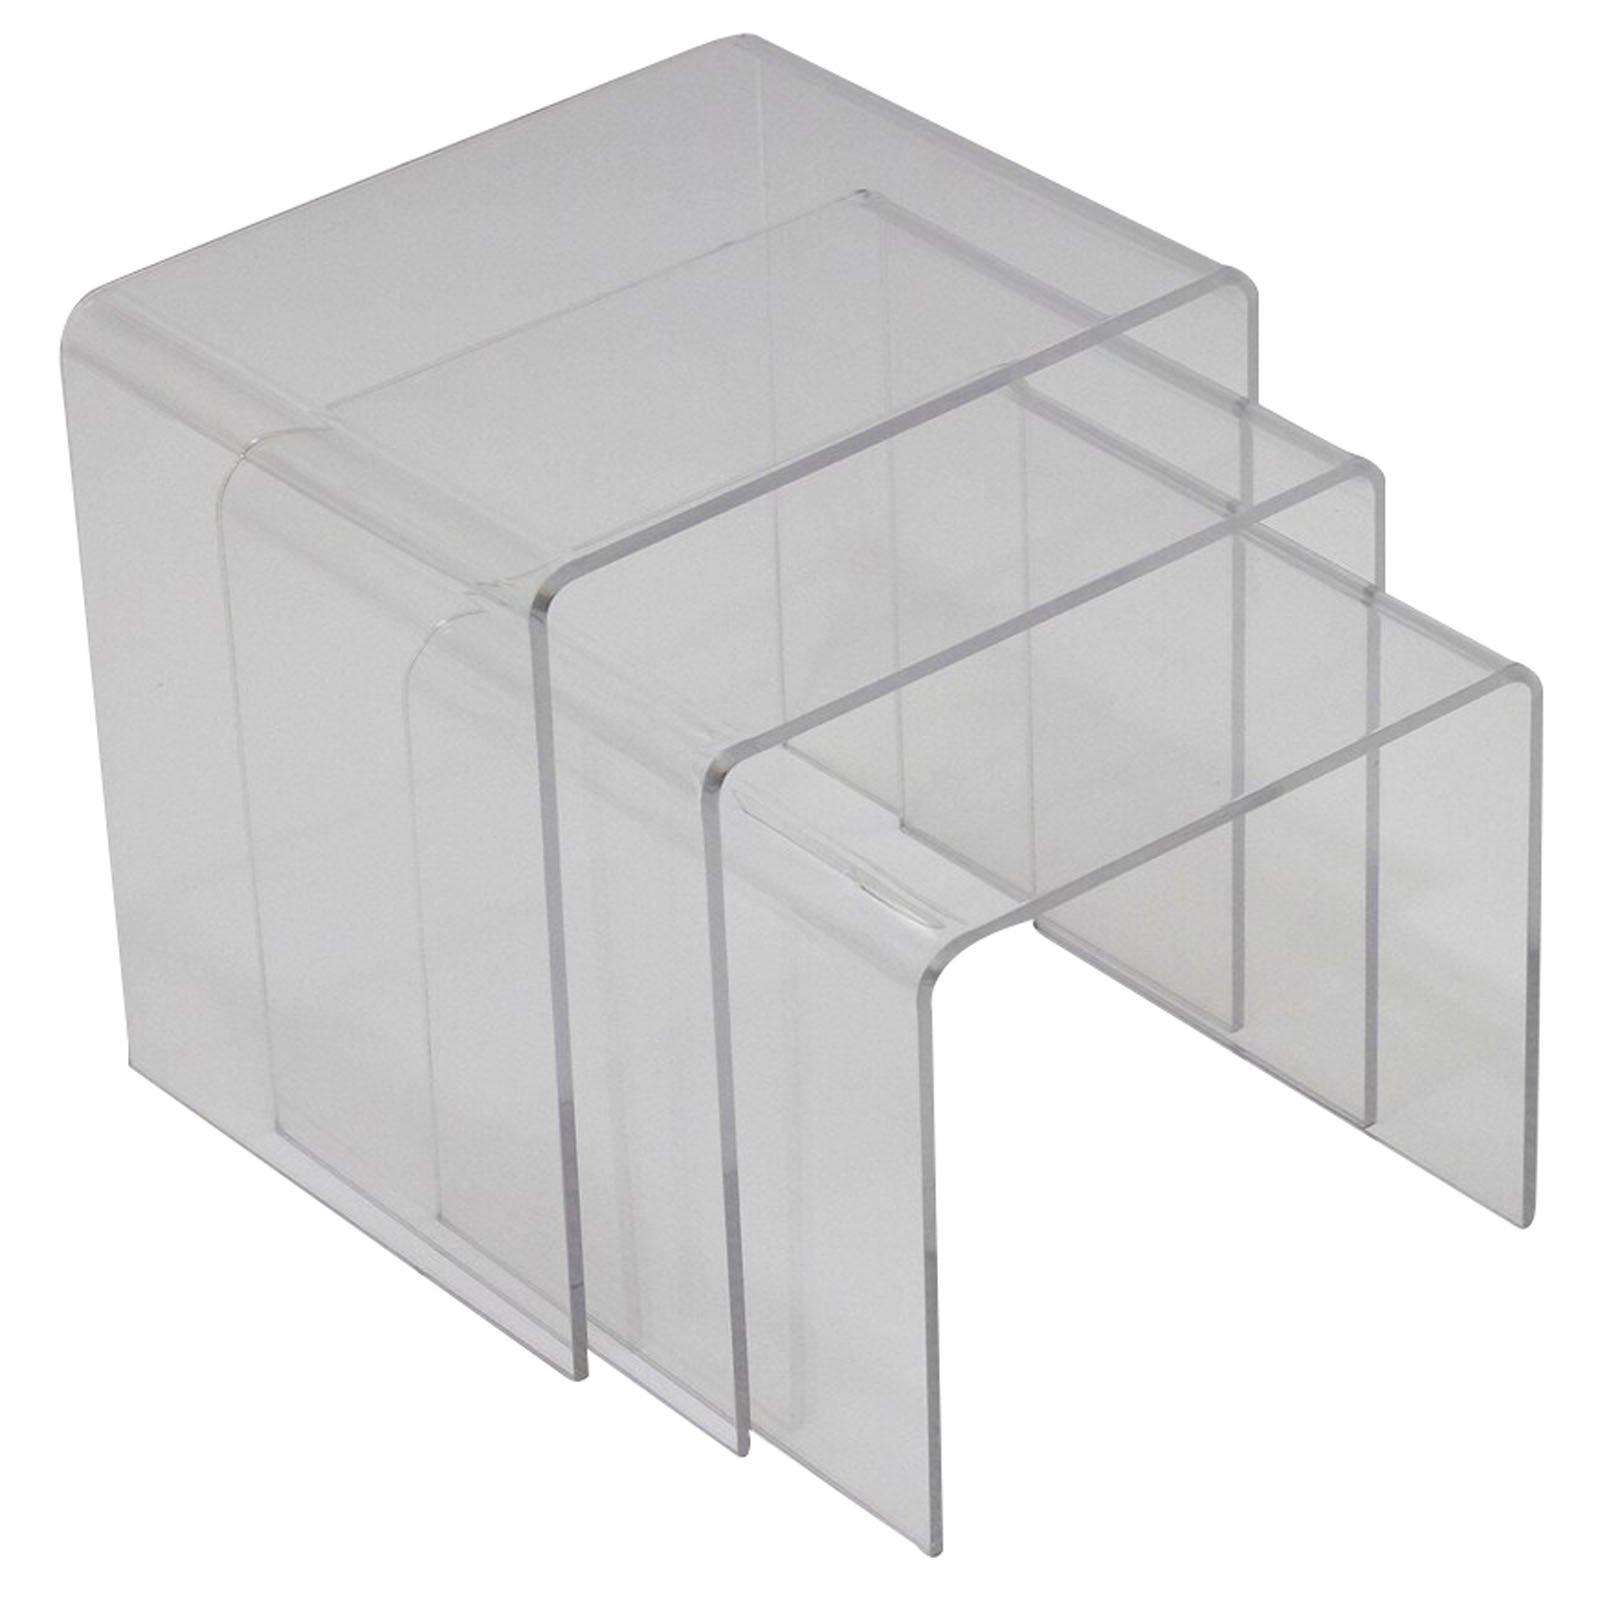 Modway Casper Modern Acrylic Nesting Tables, 3-Piece Set by Modway